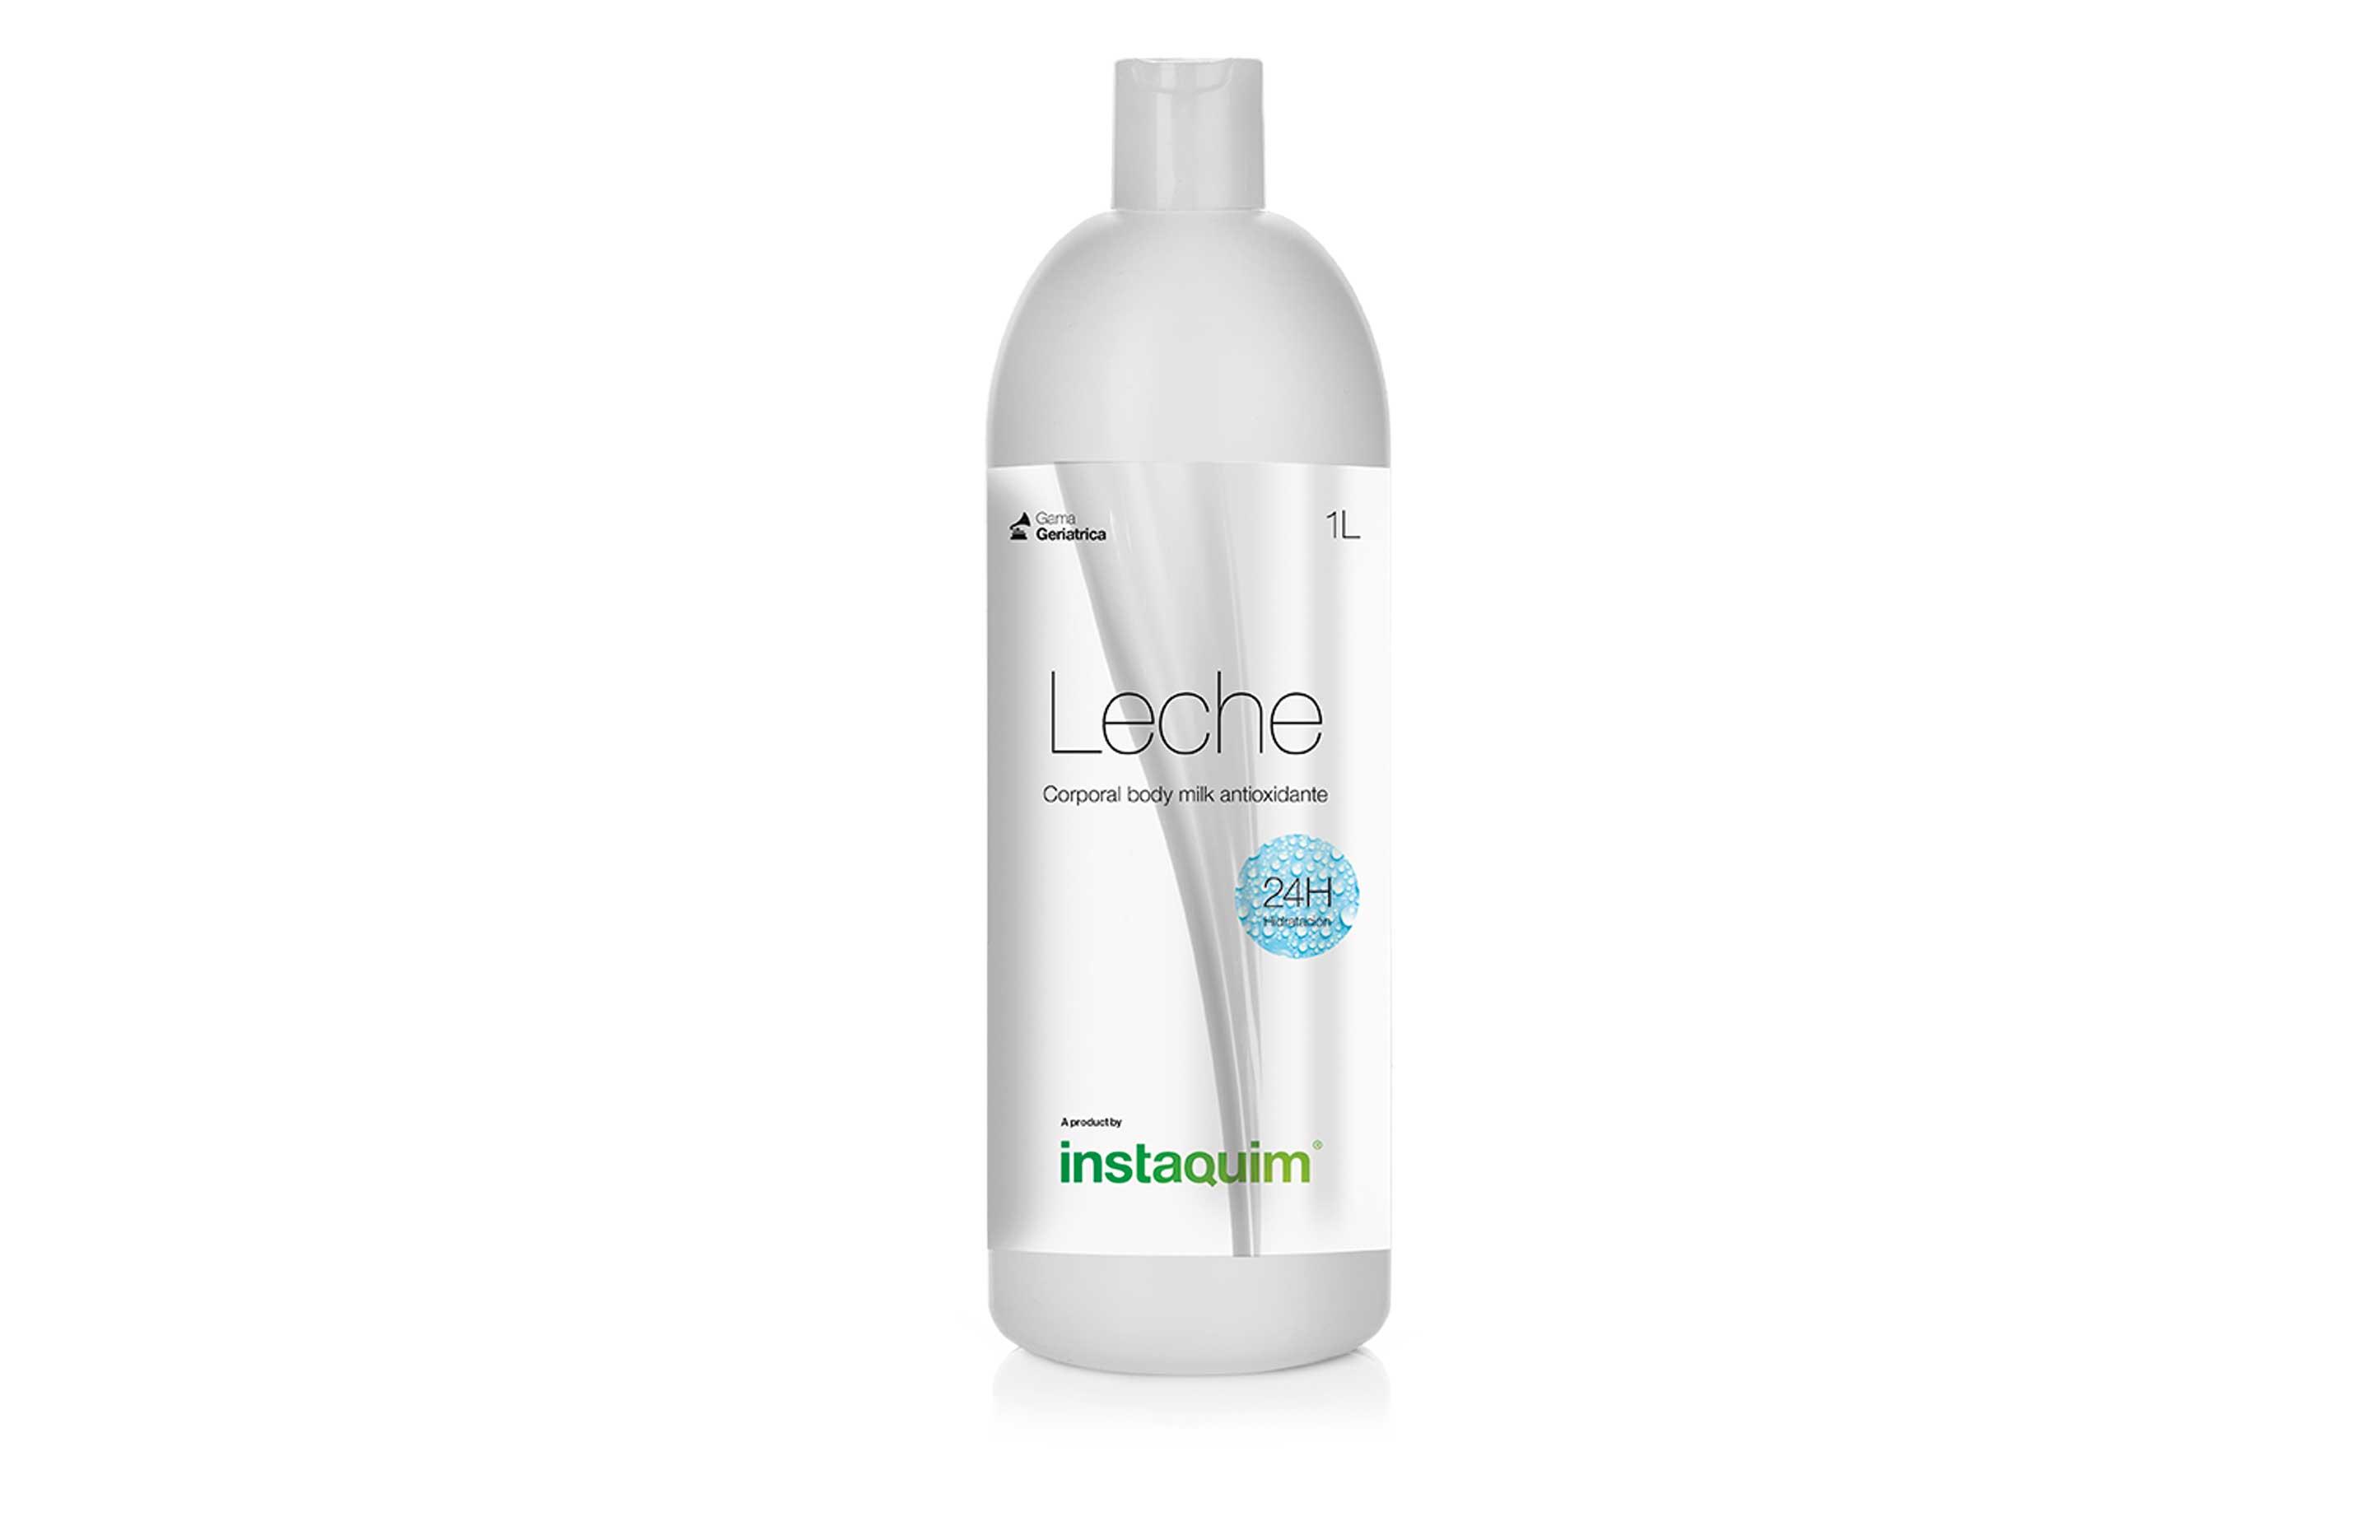 Leche corporal body milk antioxidante, Hidratación corporal